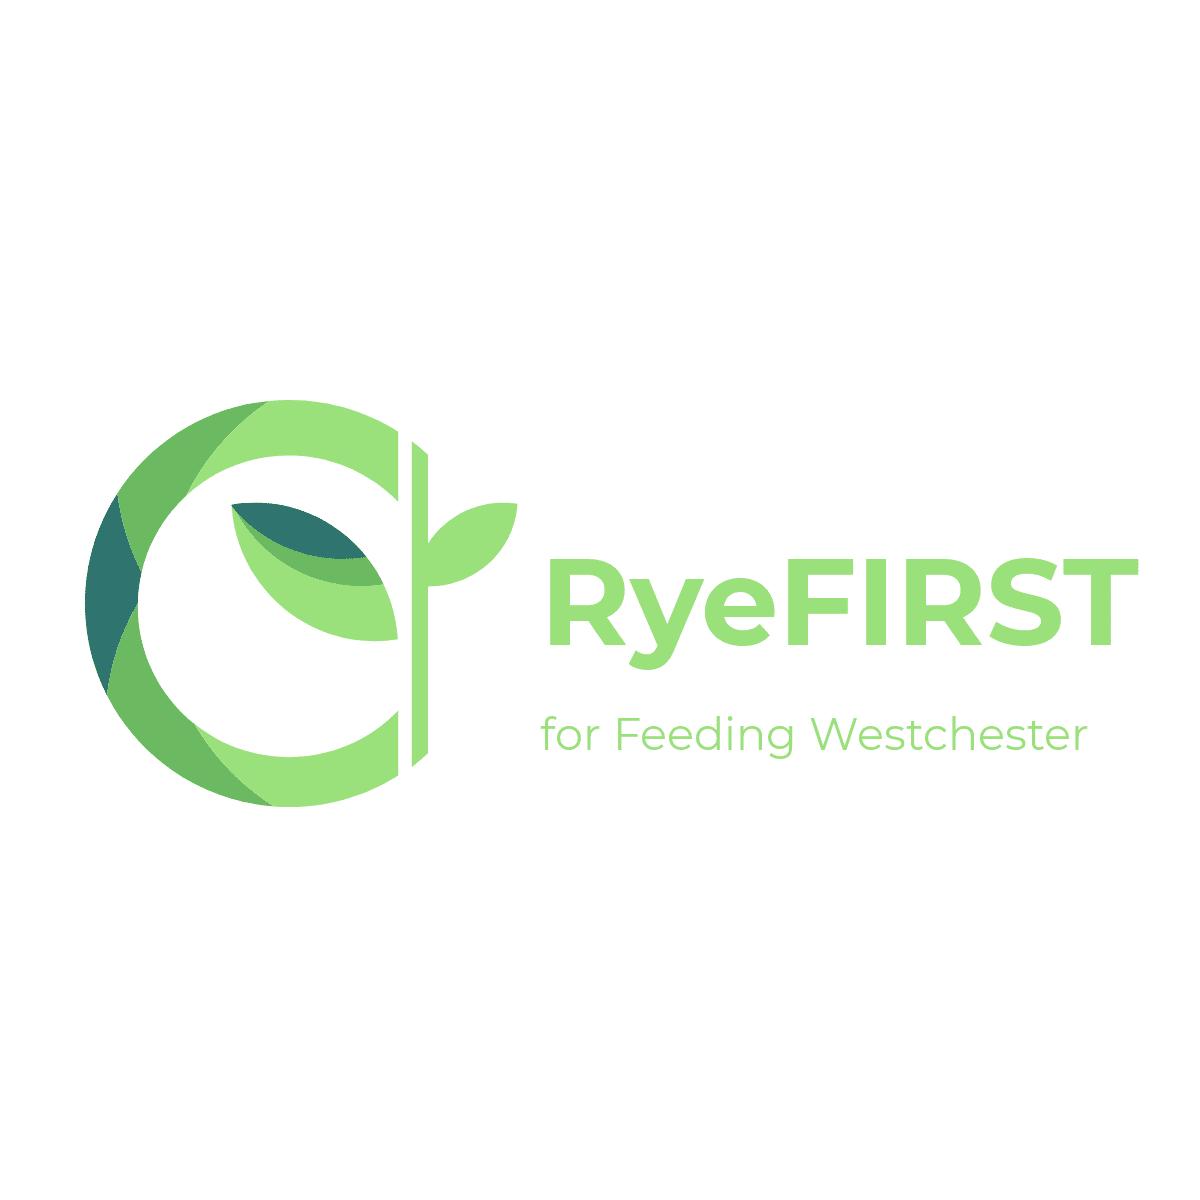 RyeFIRST logo - MyRye.com, PD, FD Feeding Westchester Fundraiser